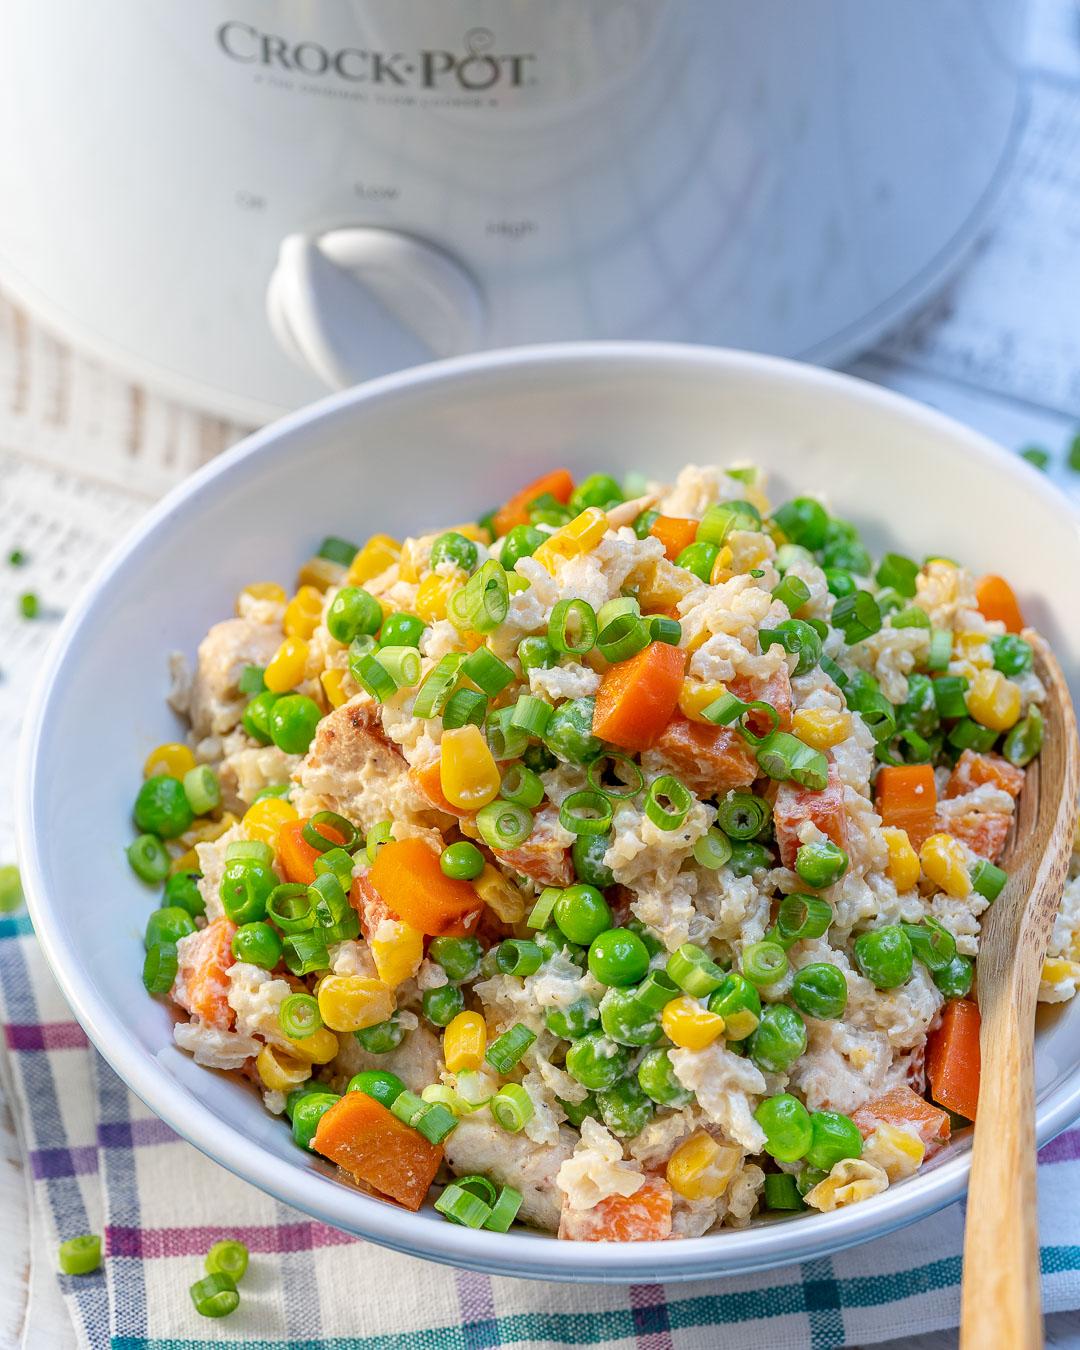 Crockpot Creamy Chicken Rice Ingredients